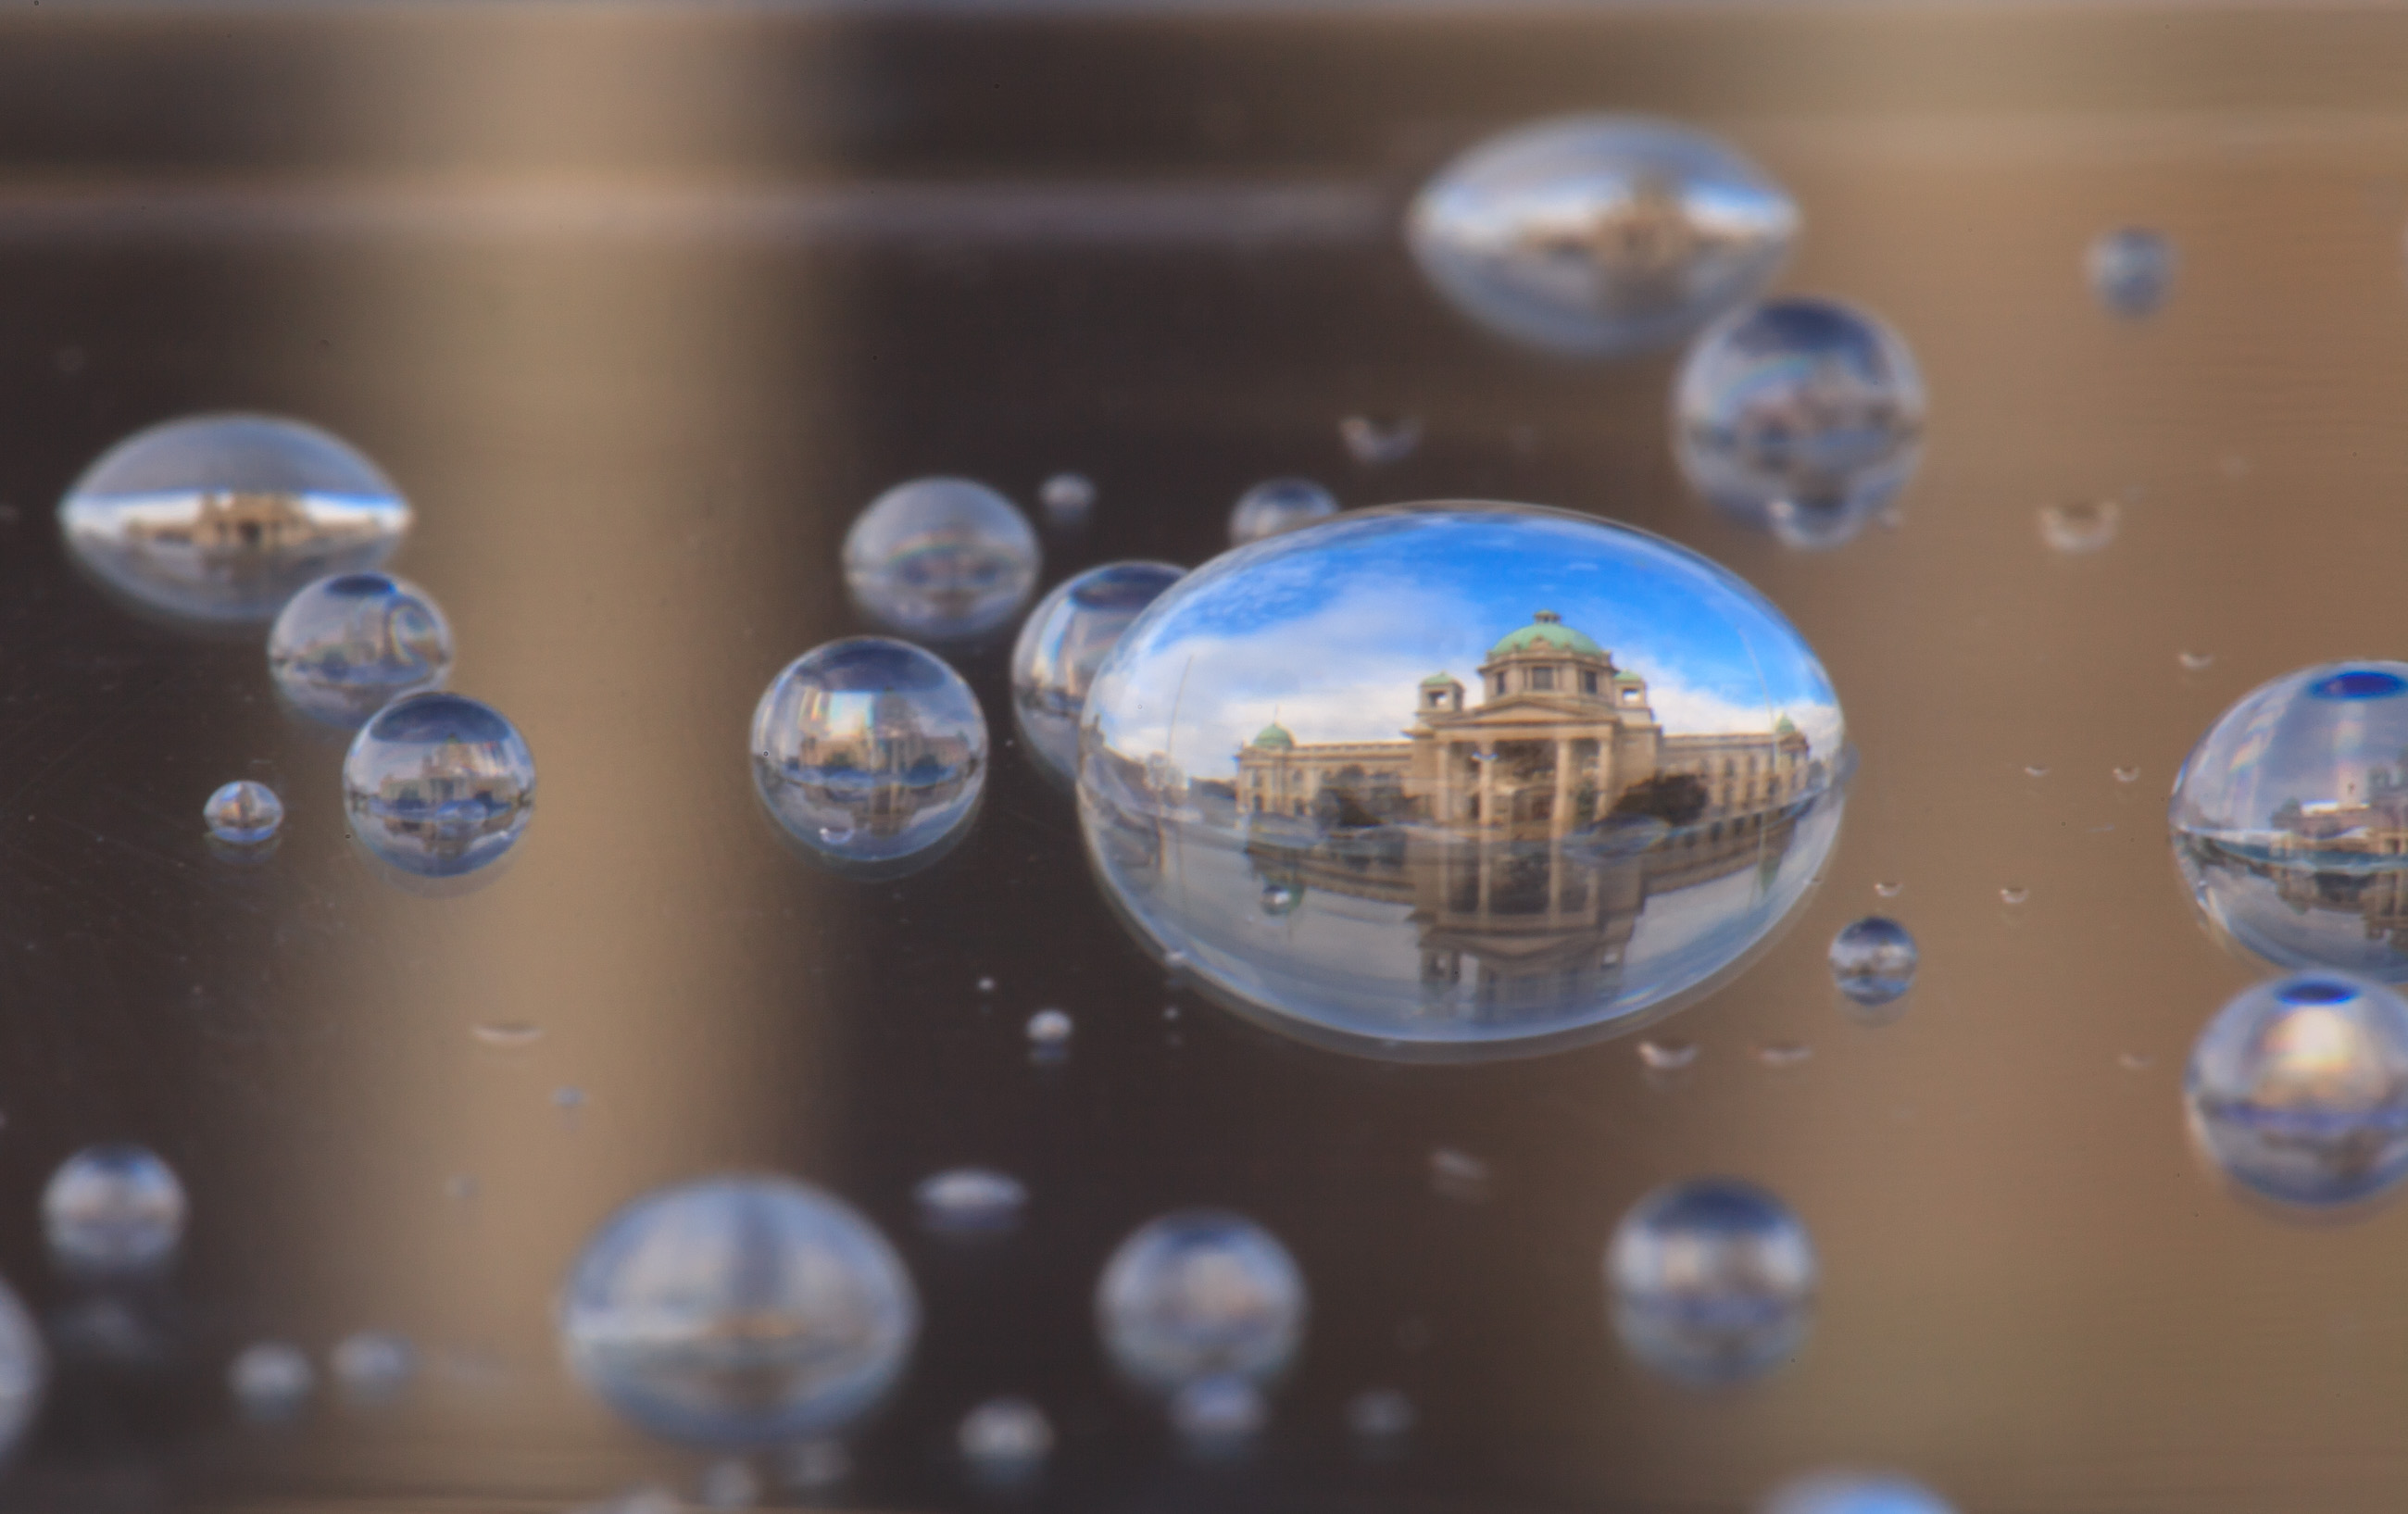 Srbský fotograf zachycuje krásu měst v kapkách vody